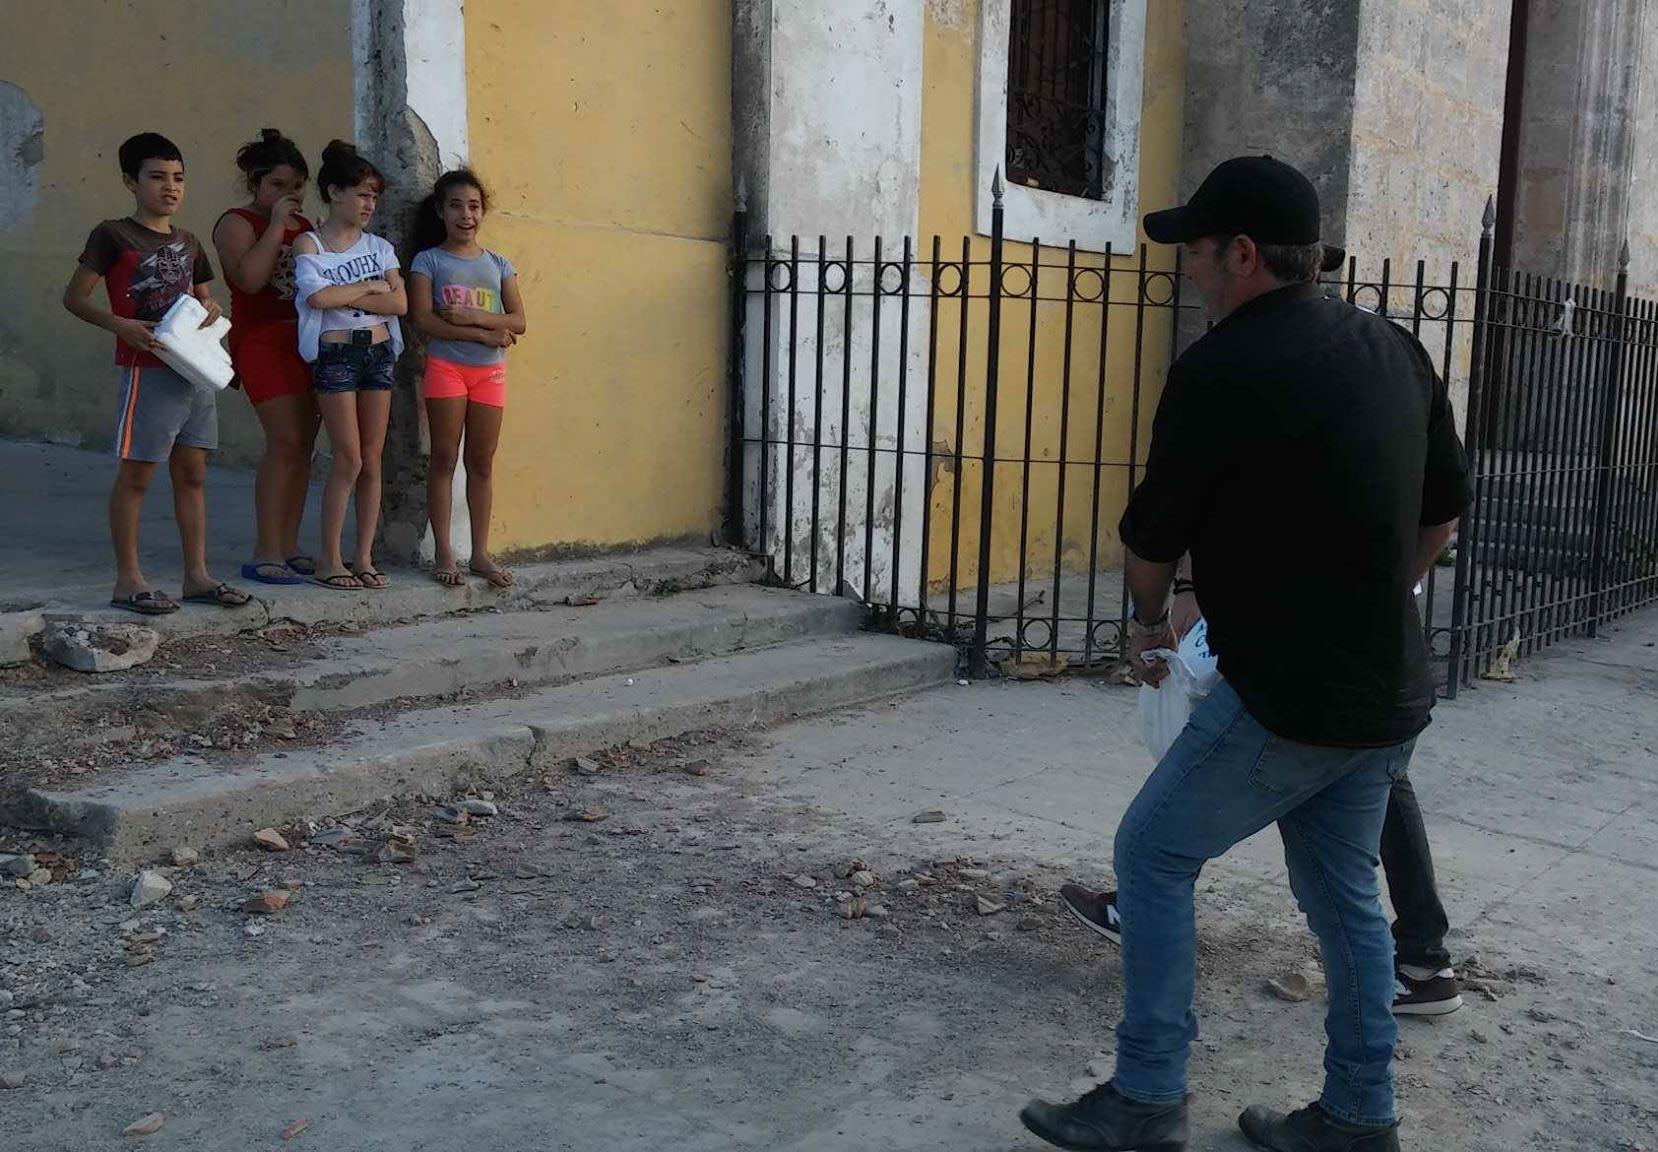 El actor Jorge Perugorría entrega donaciones a damnificados del tornado del 27 de enero de 2019 en La Habana. Foto: Cortesía Mirurgia Stevens.